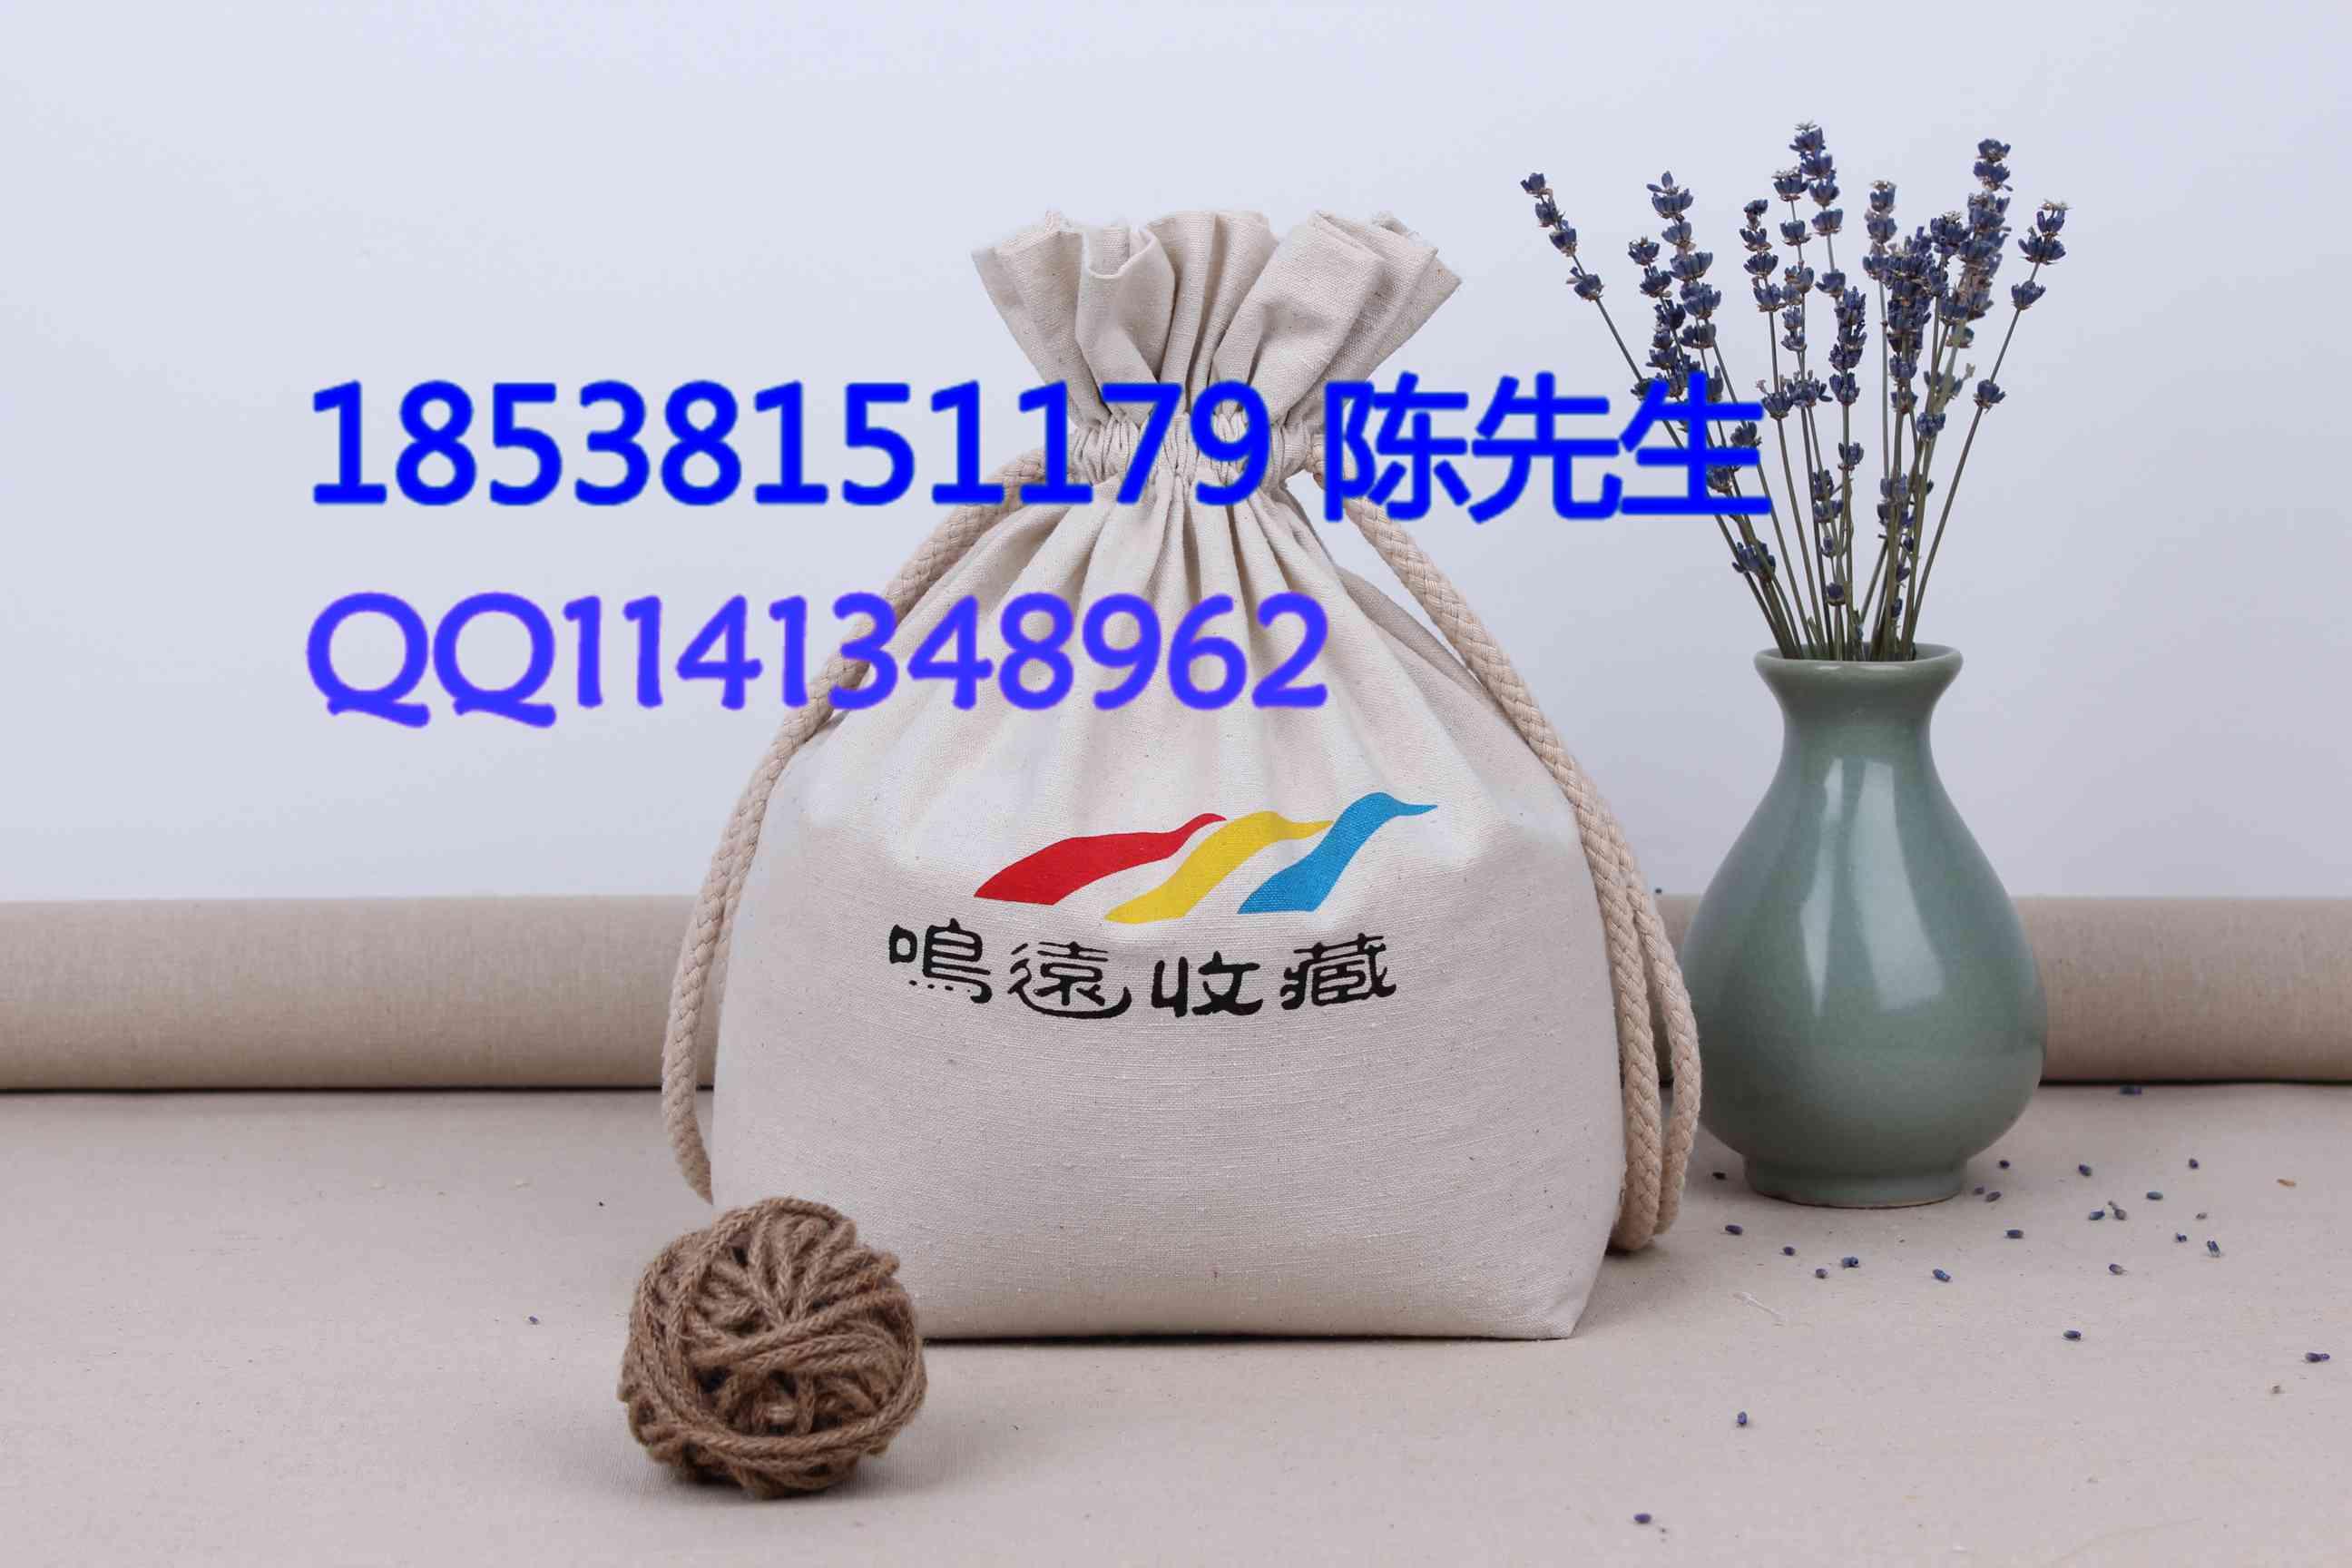 http://file03.sg560.com/upimg01/2017/06/923101/Title/1935148524298626923101.jpg